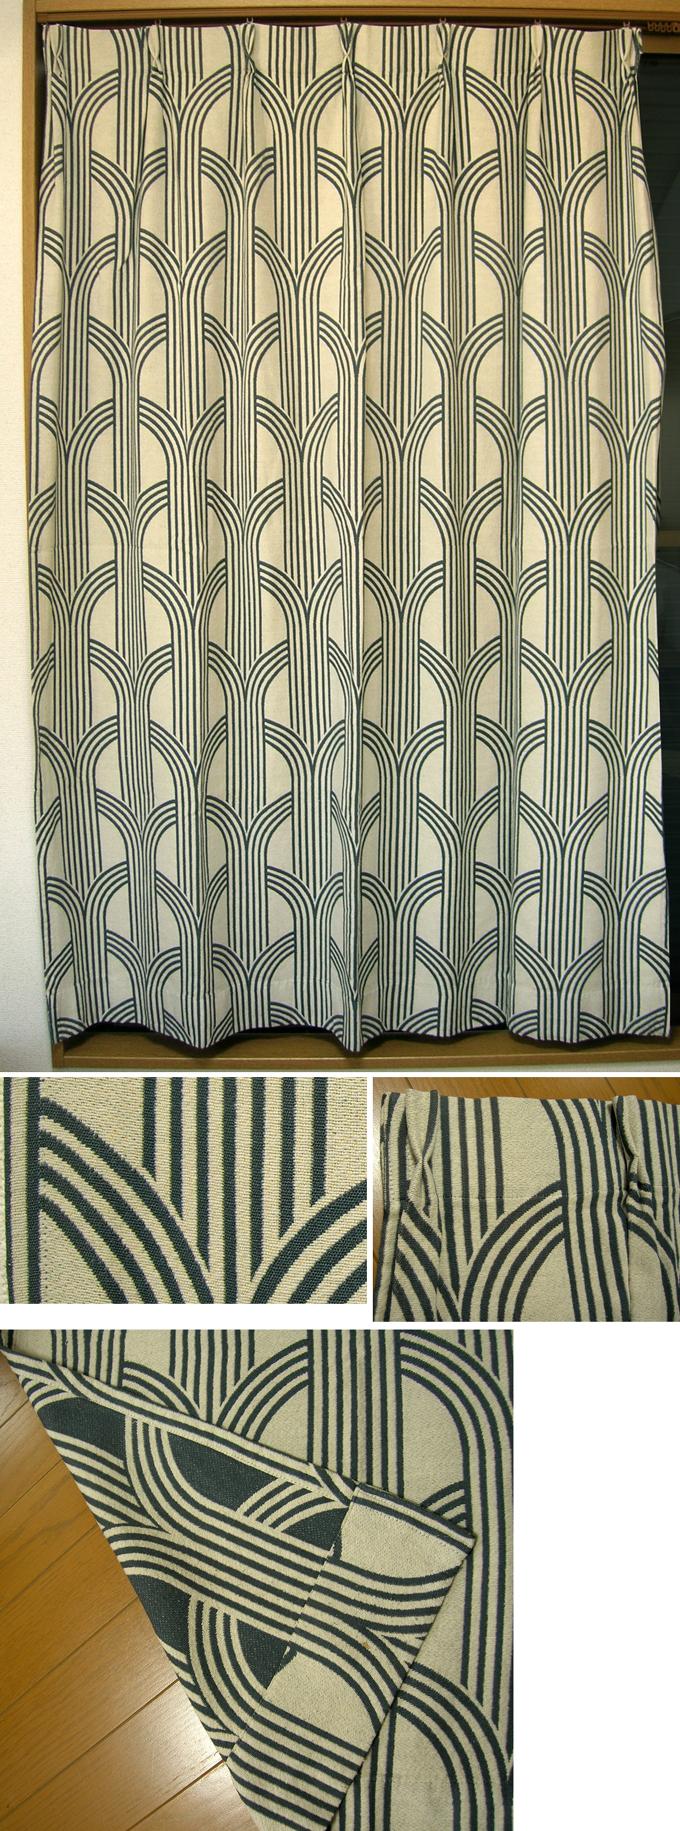 ac0230モダーンな柄のカーテン*amber design北欧中古家具やヴィンテージ雑貨等のインテリア